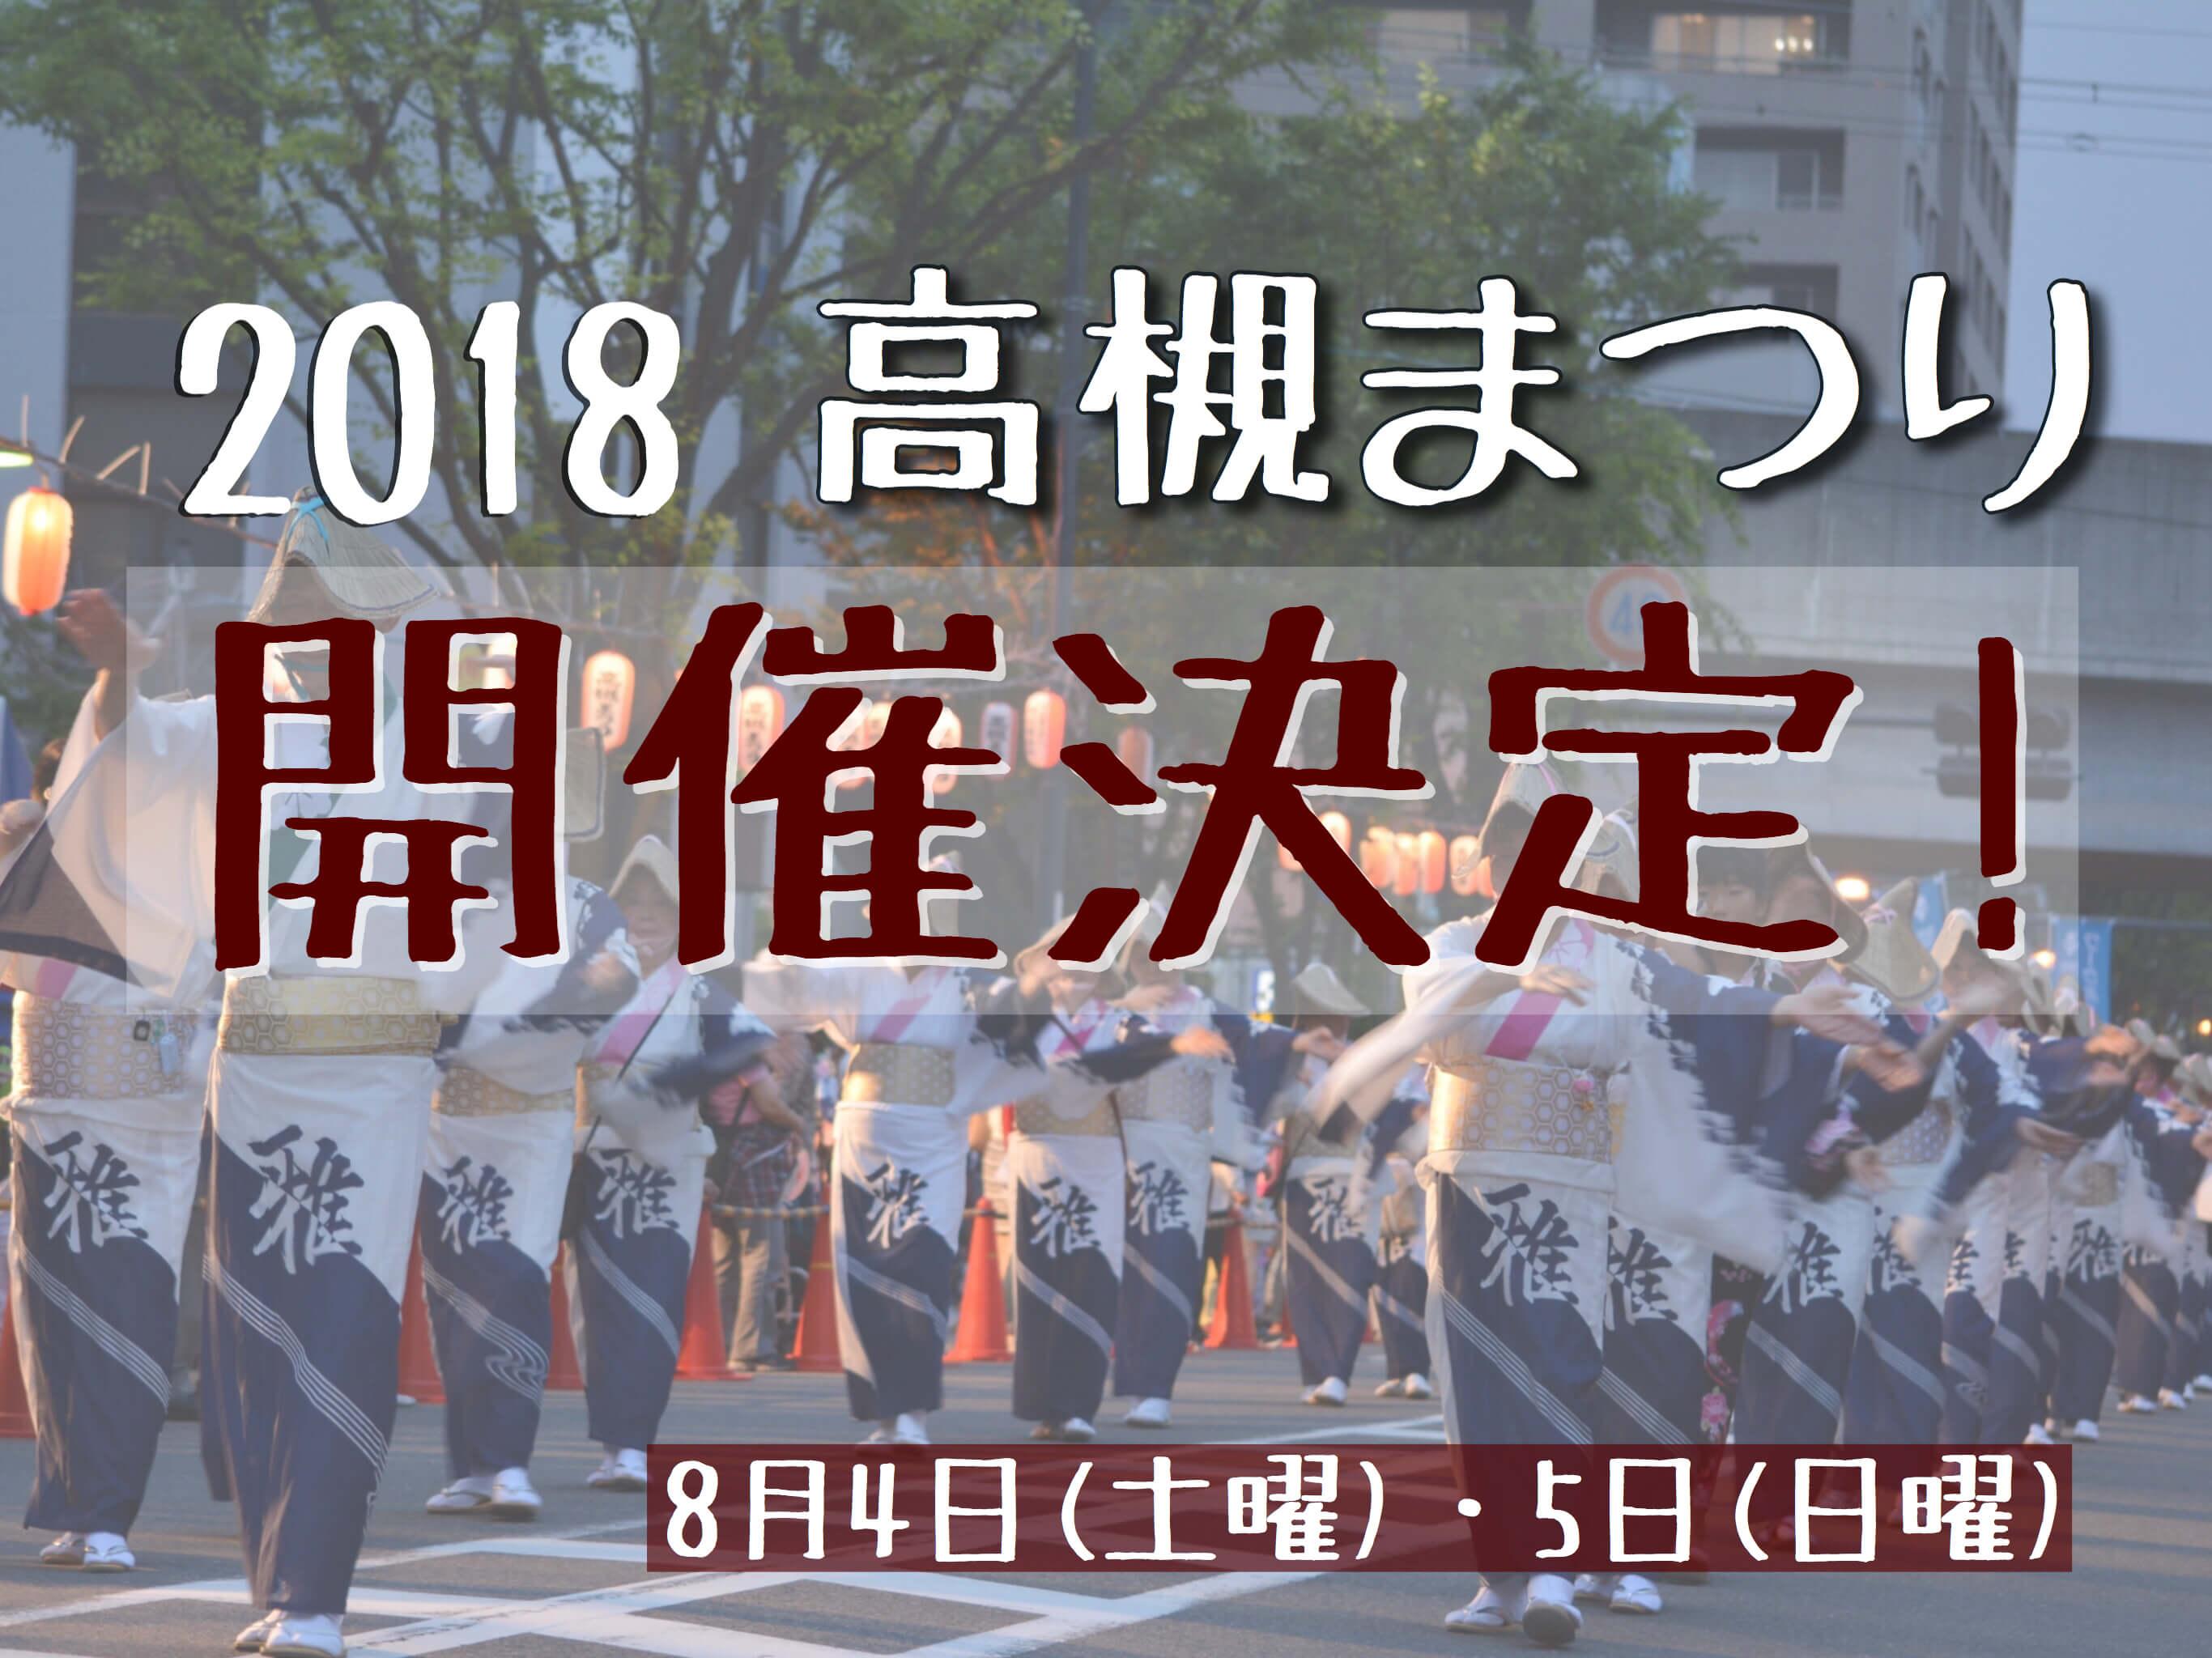 【高槻まつり2018】「頑張ろう、高槻!」震災復興に願いを込めて今年も高槻まつりは開催されます。